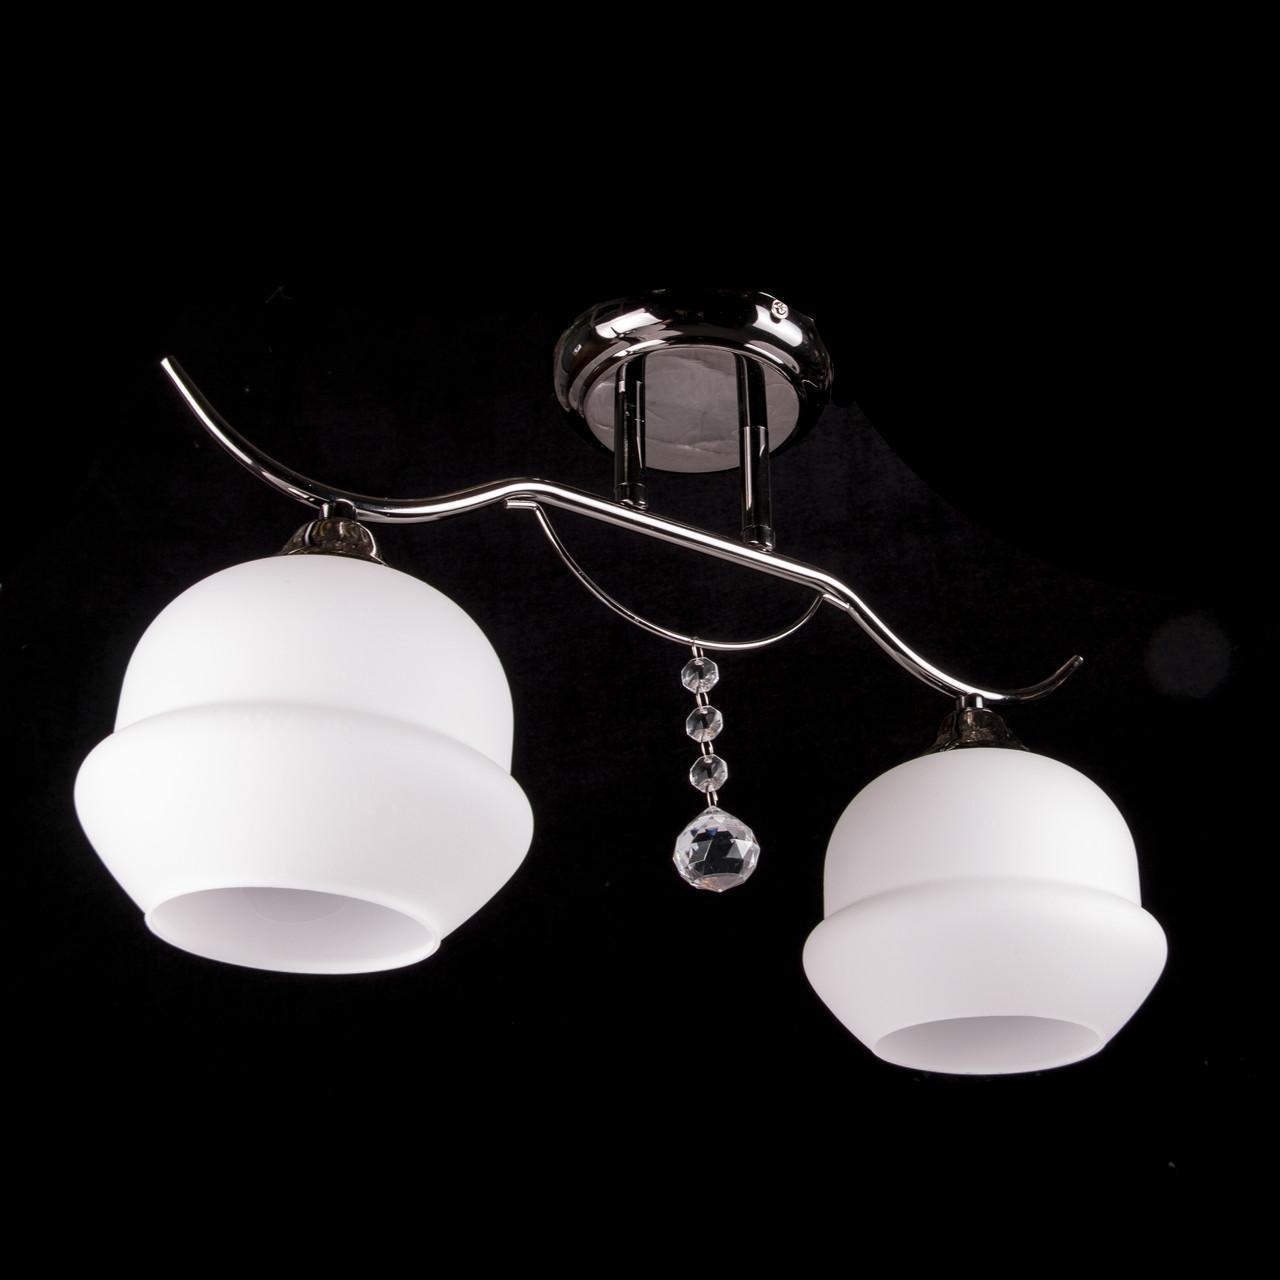 Стельова люстра на 2 лампочки P3-46671/2C/GM+MK